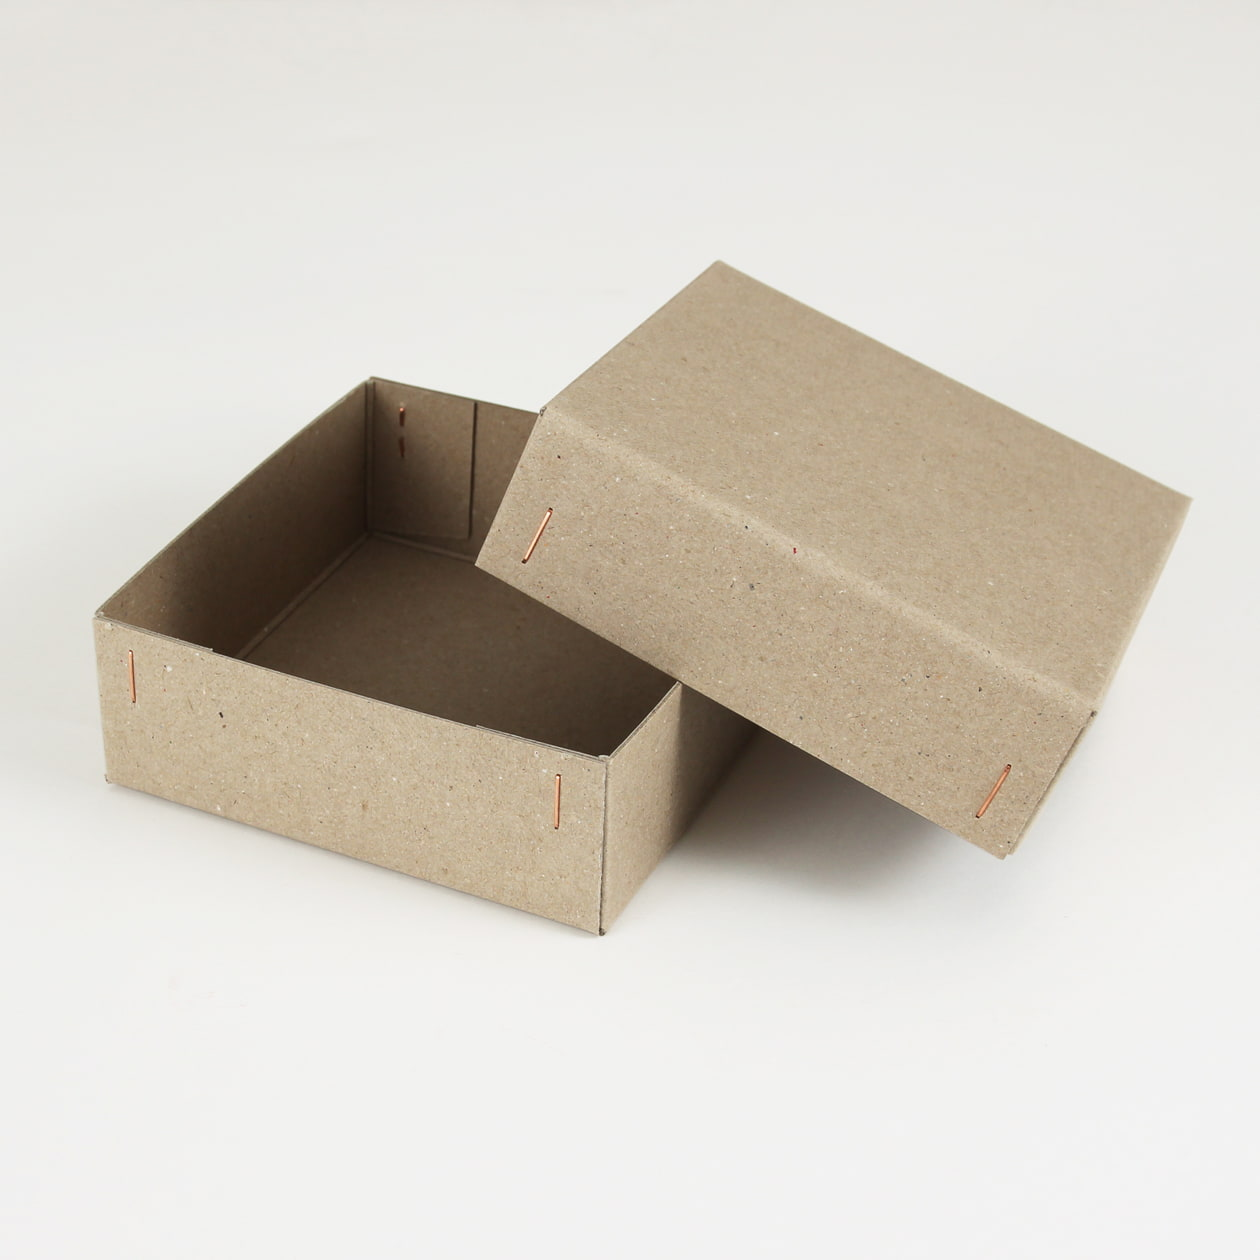 サンプル 箱(ホッチキスどめ) 00058